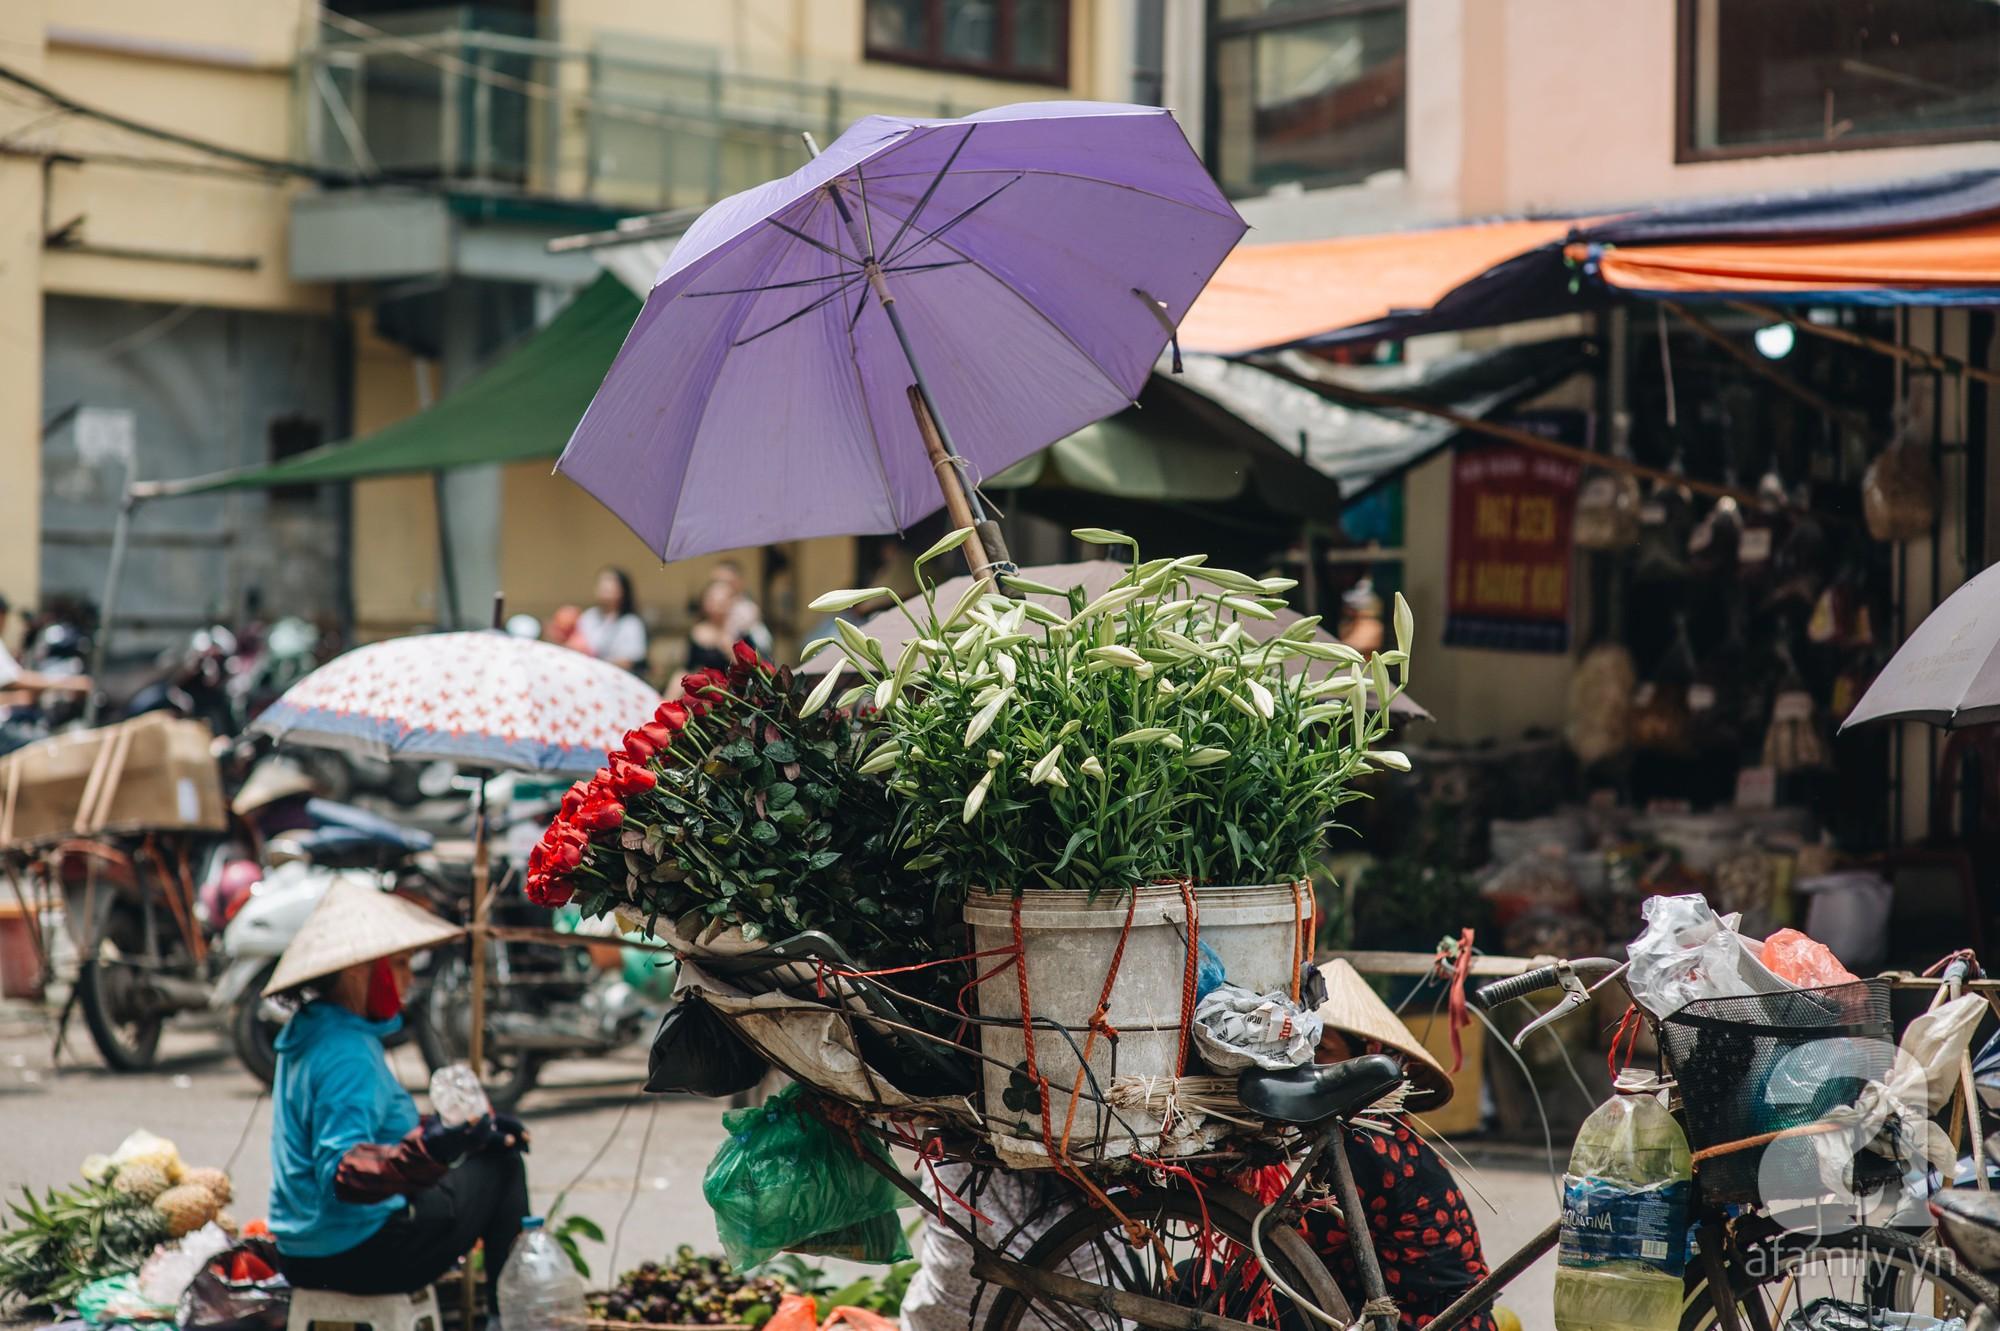 Tháng 4 về, Hà Nội lại dịu dàng những gánh loa kèn trắng tinh khôi, thơm nồng nàn khắp các góc phố-7